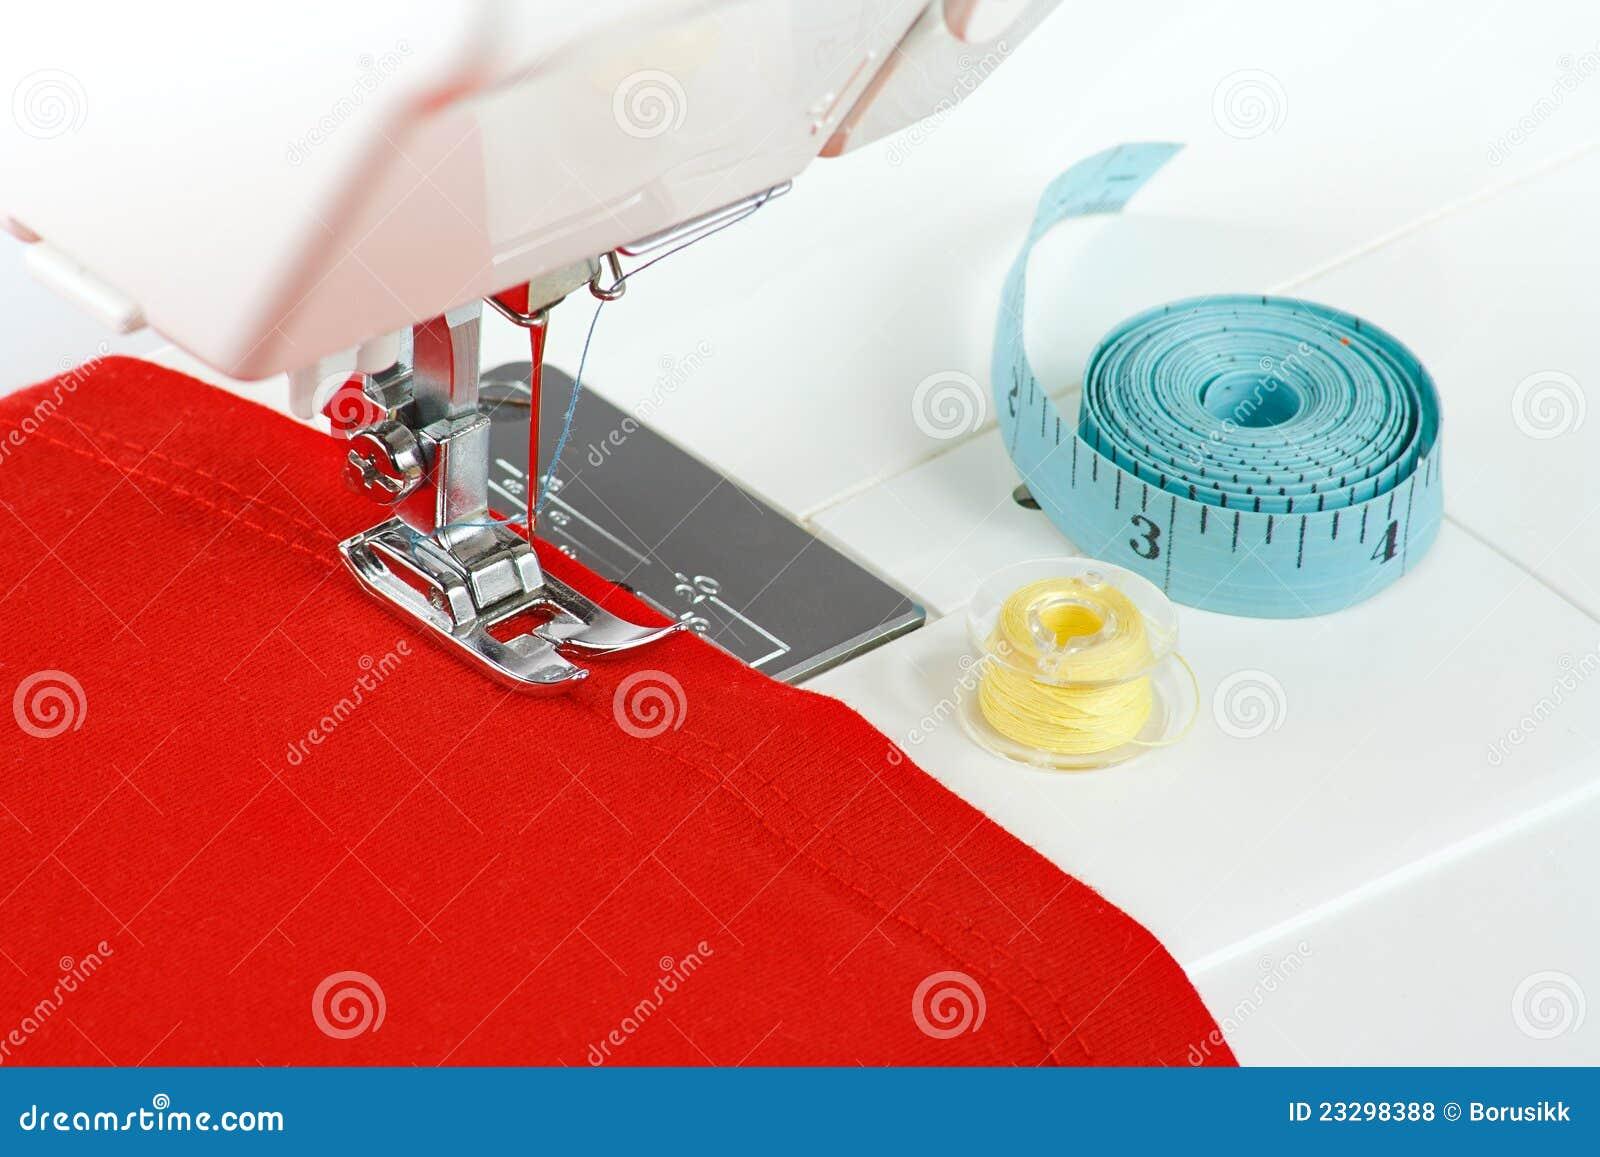 Machine coudre avec un tissu rouge photos libres de for Machine a coudre 3d